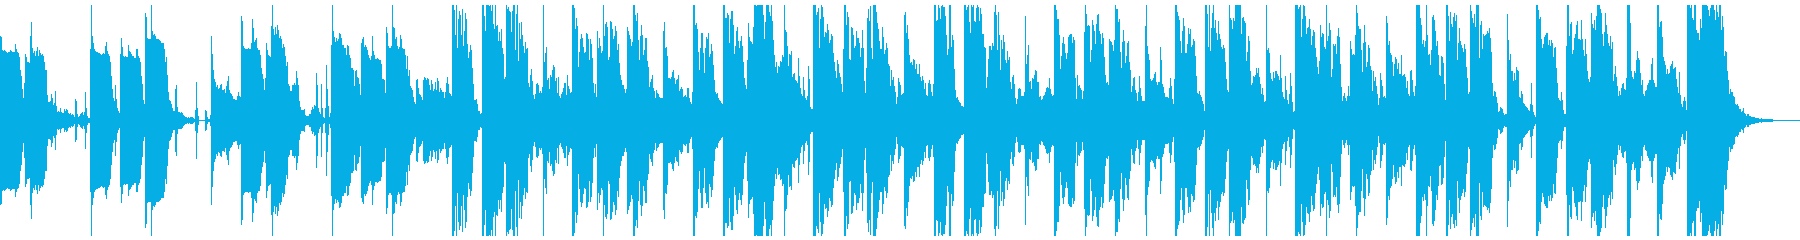 ポップ テクノ コーポレート ディ...の再生済みの波形